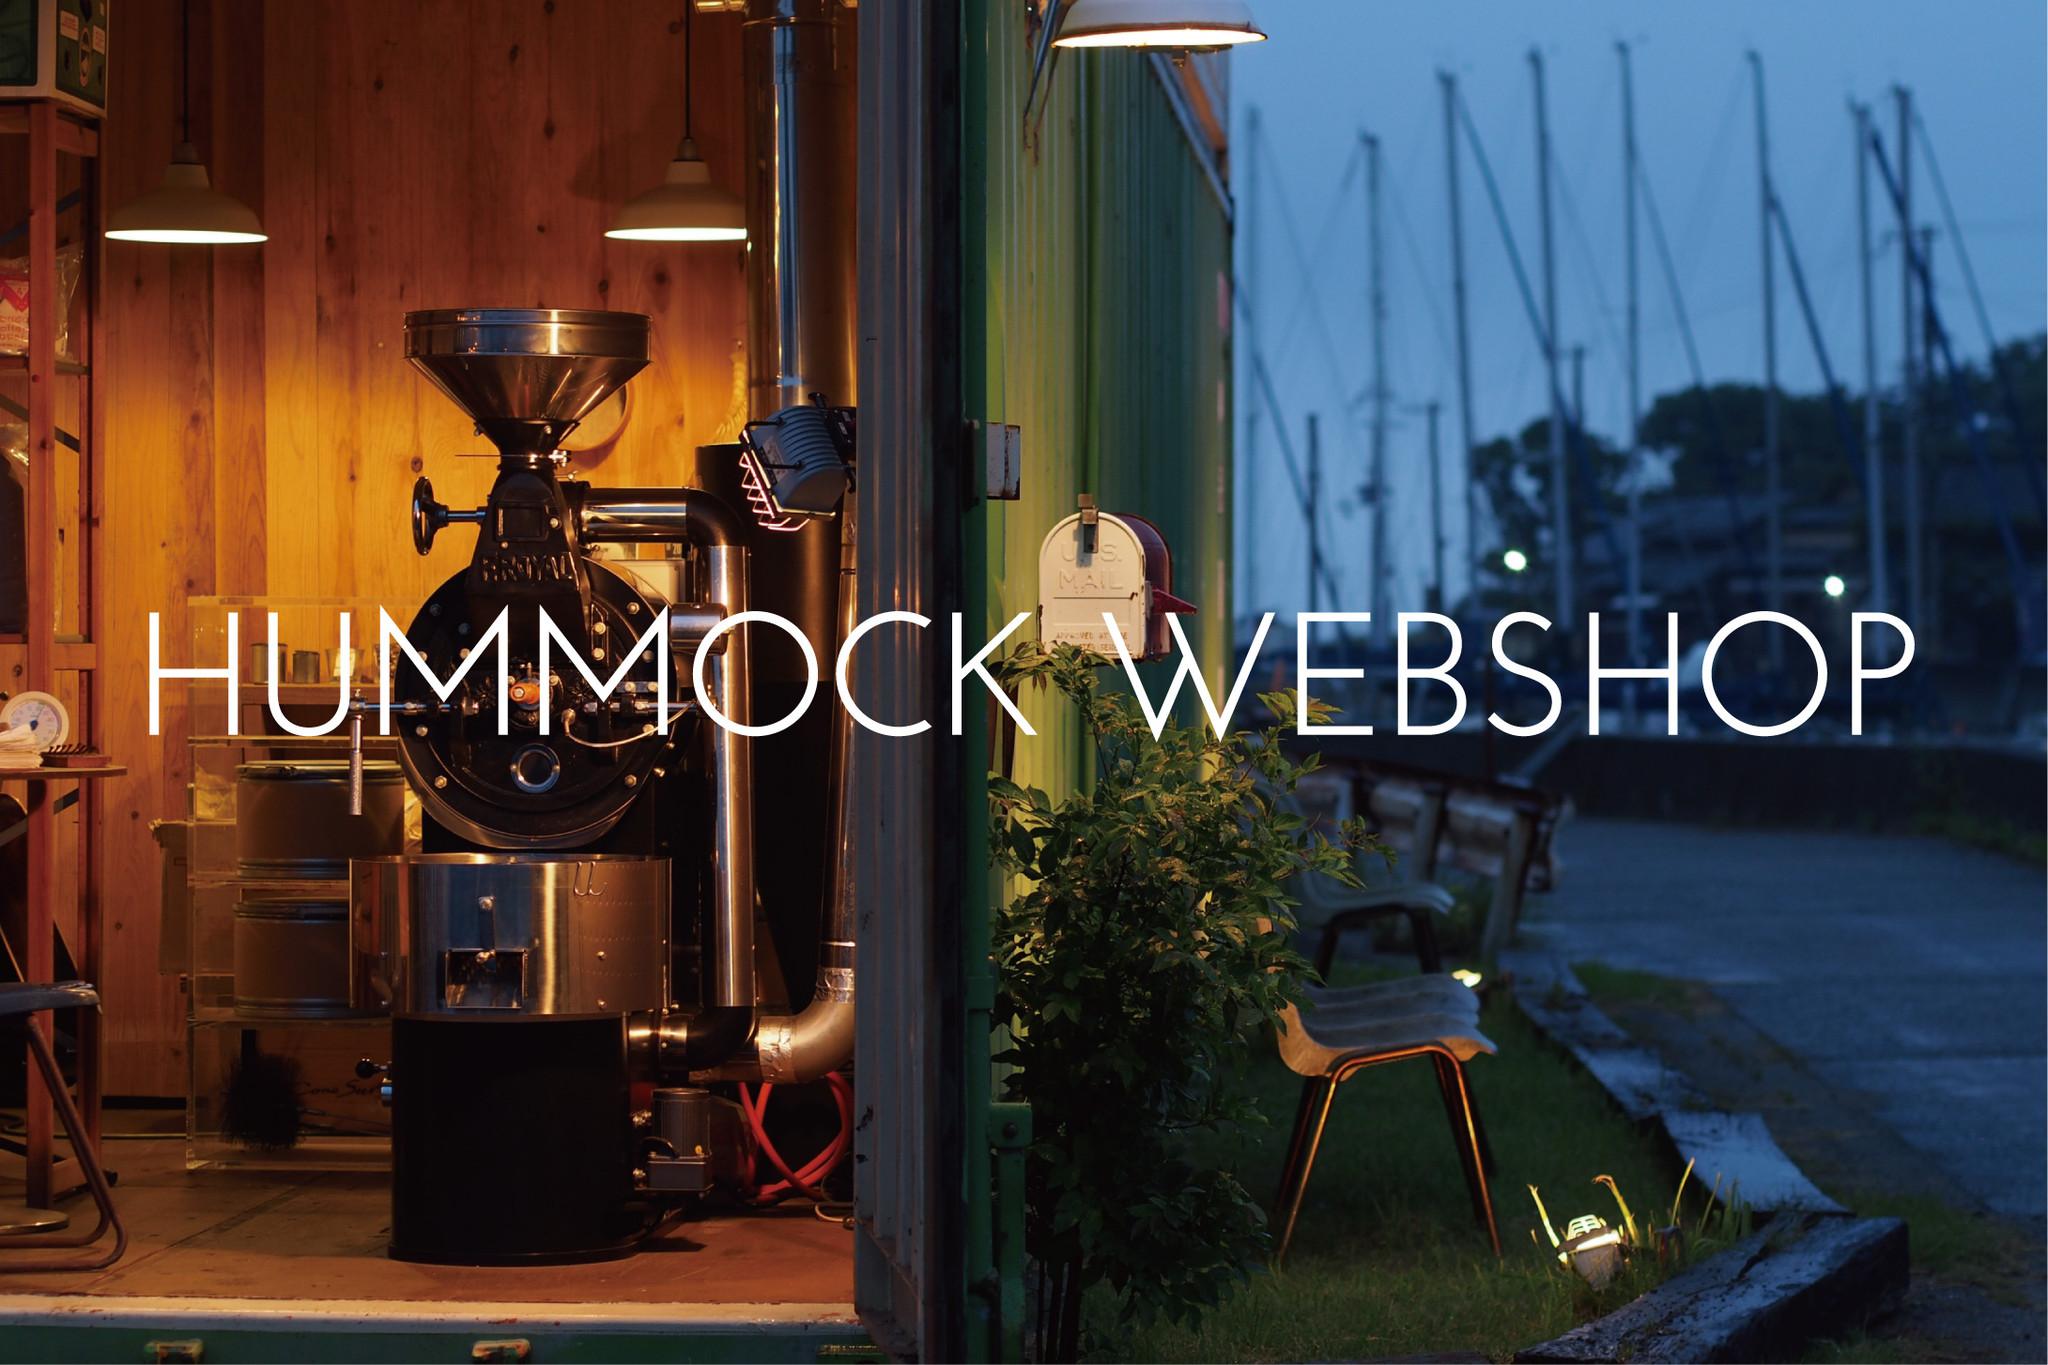 HUMMOCK WEBSHOP